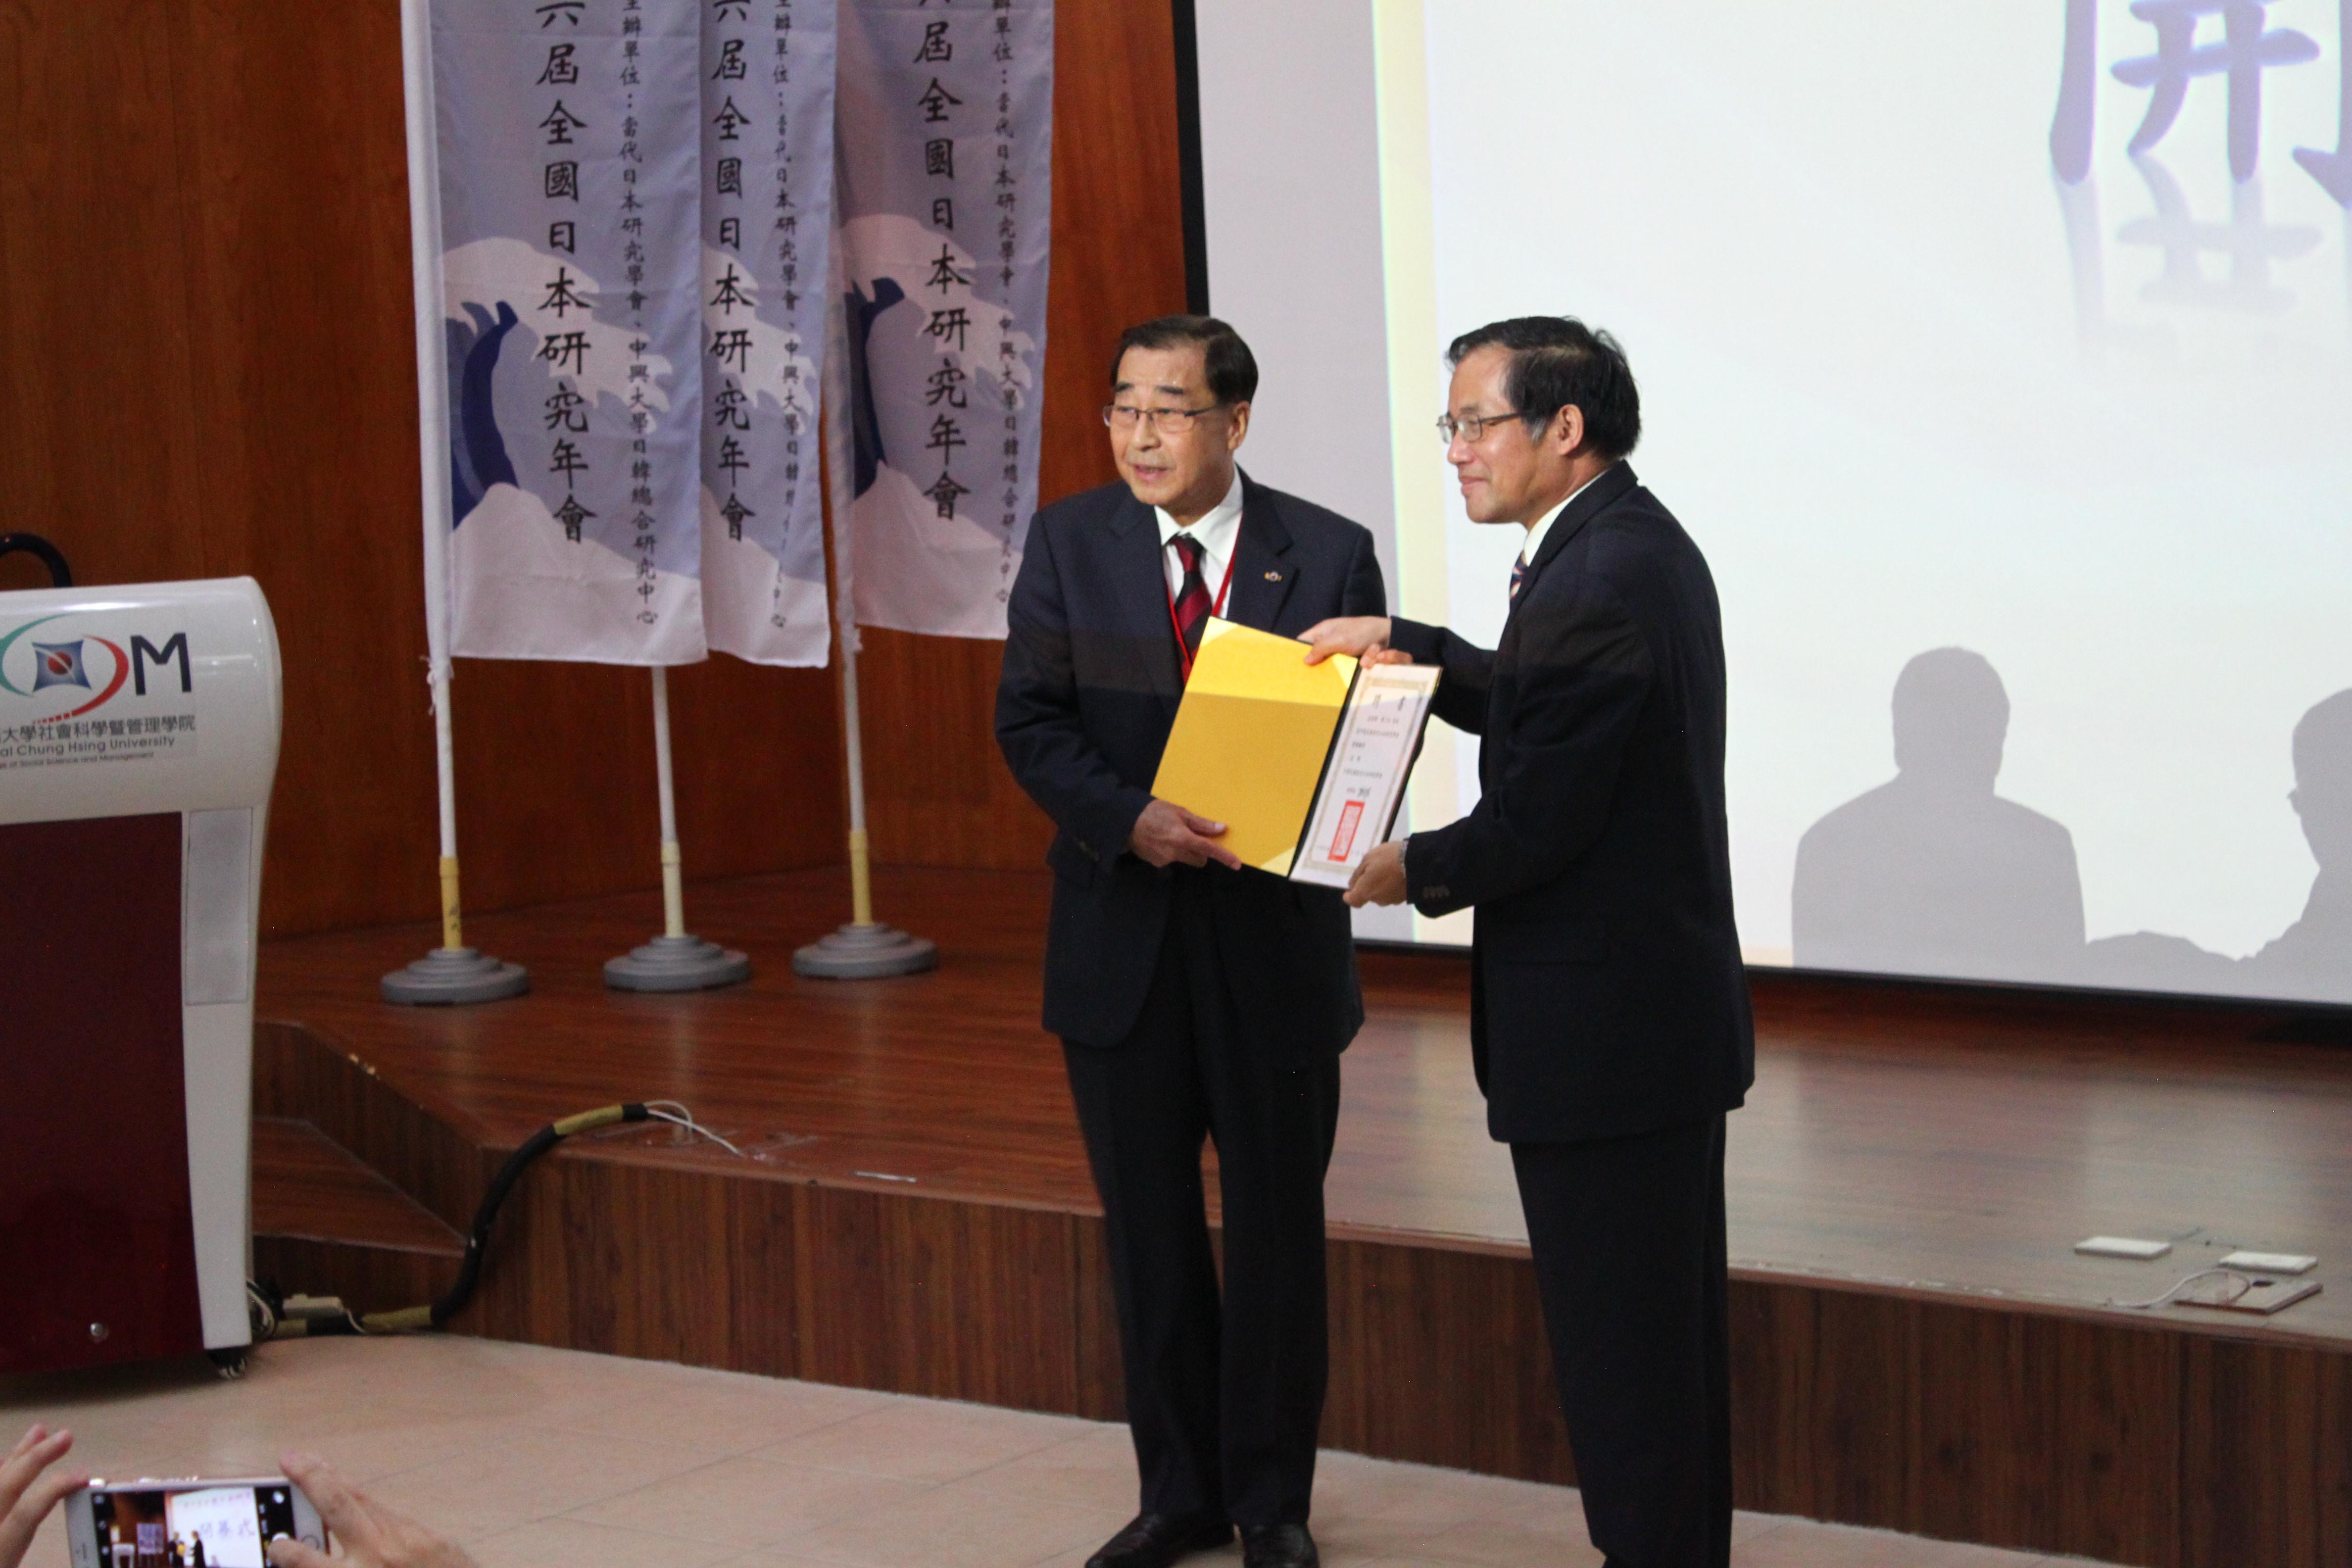 第六屆全國日本研究年會 | 中興大學日韓總合研究中心